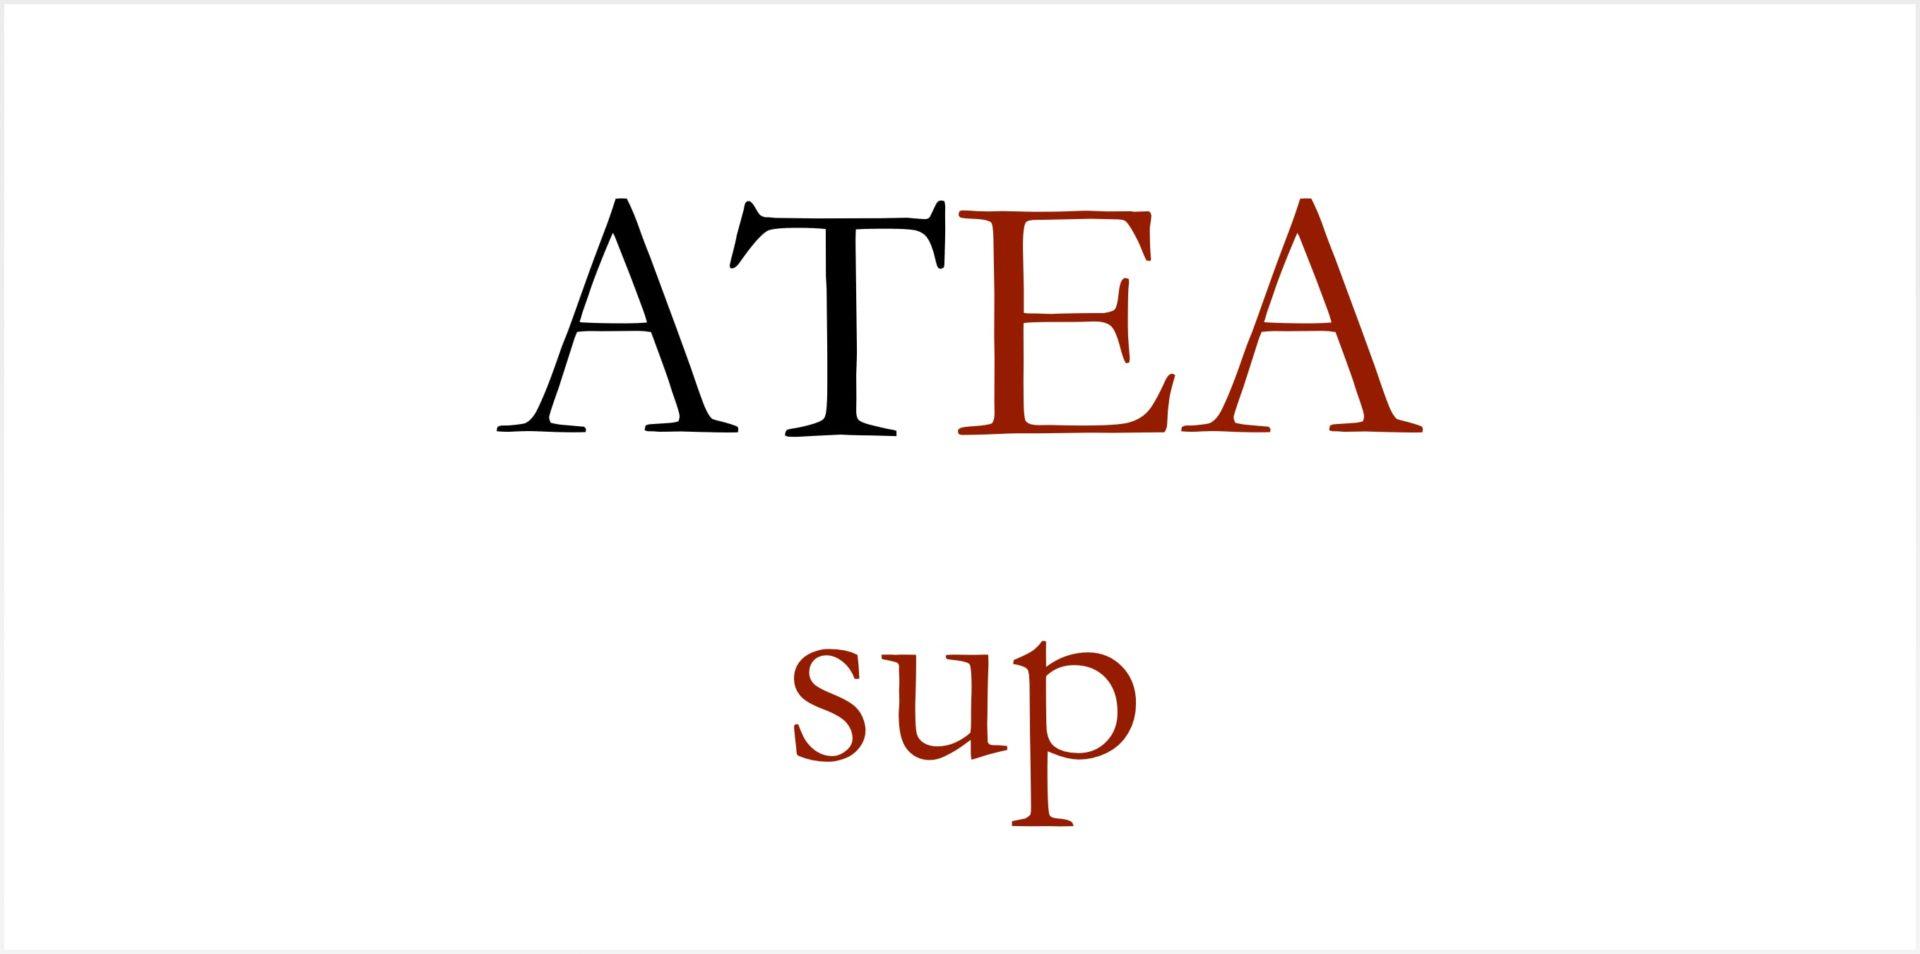 ATEA Sup